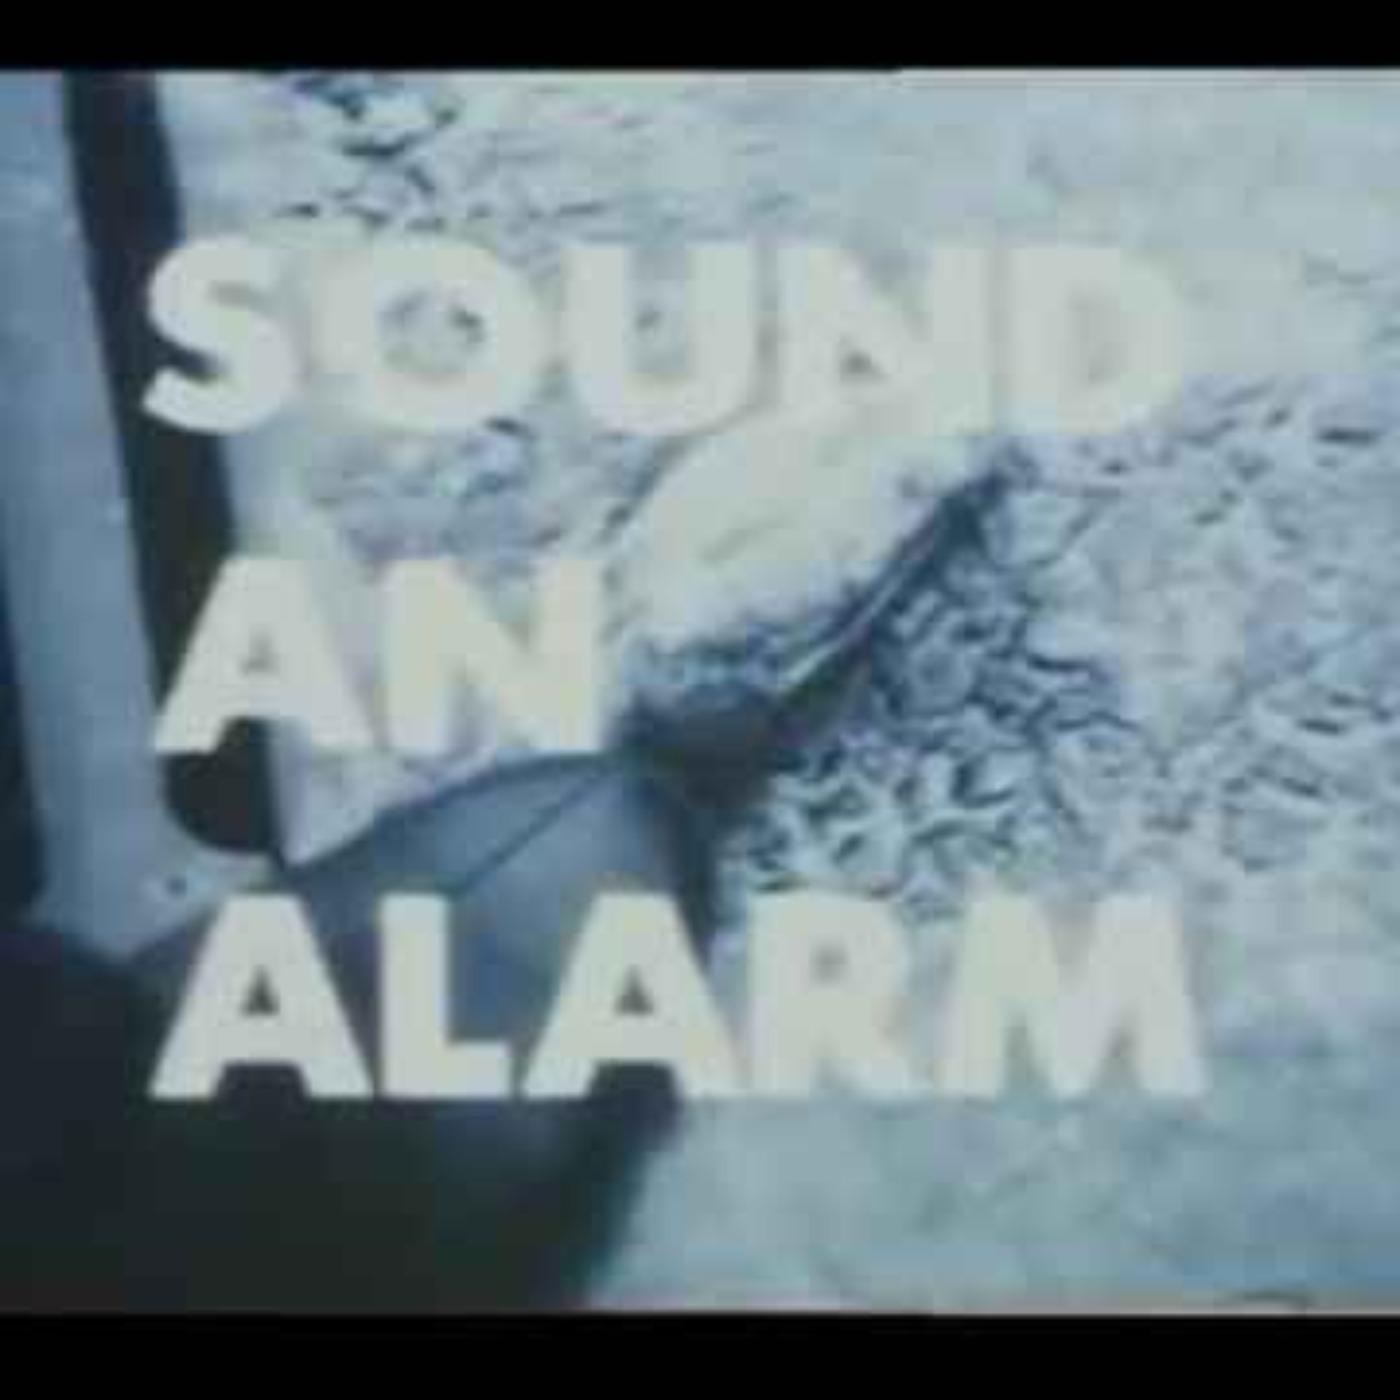 Sound An Alarm